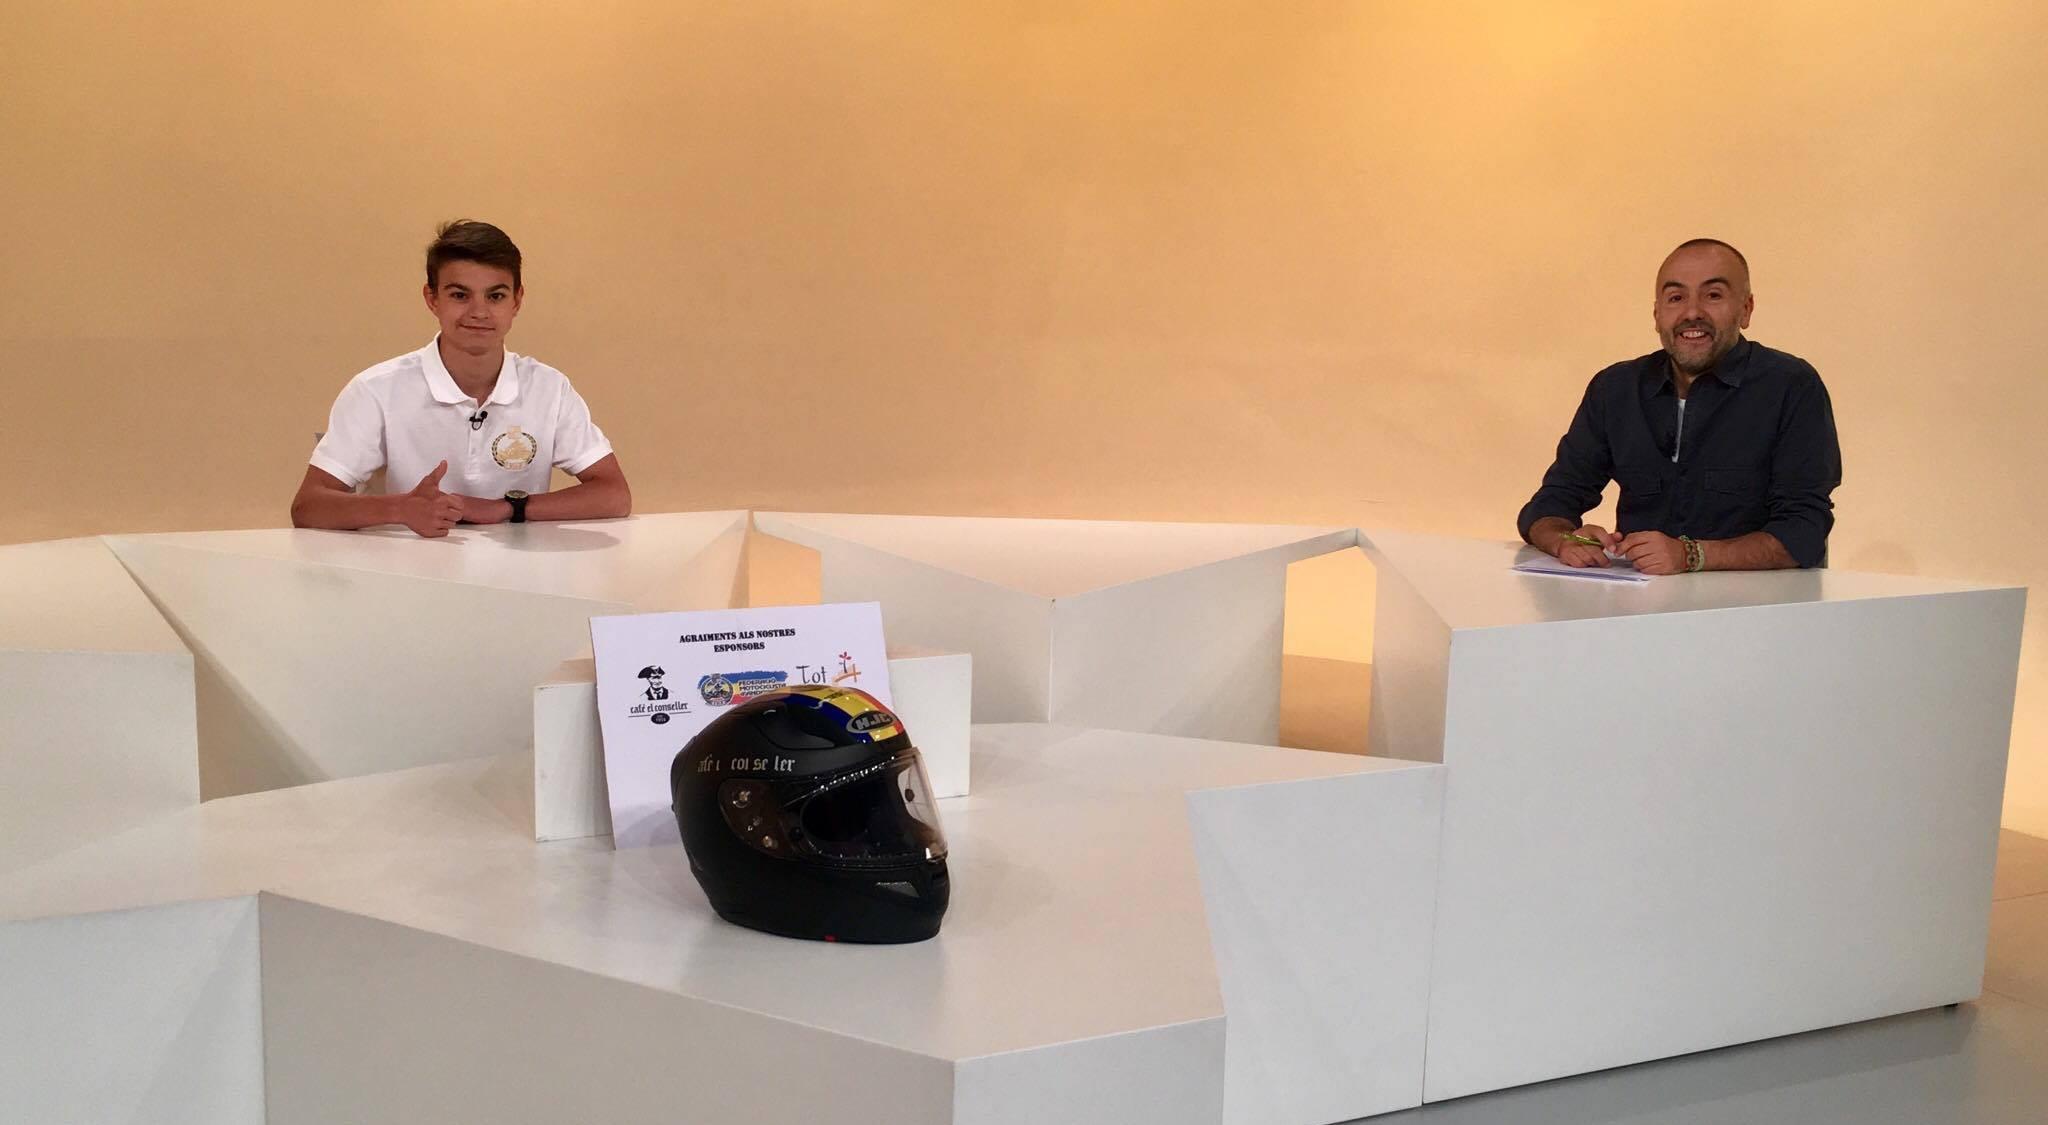 Dia E 3a part - Jordi Raposeiras, promesa del motociclisme andorrà